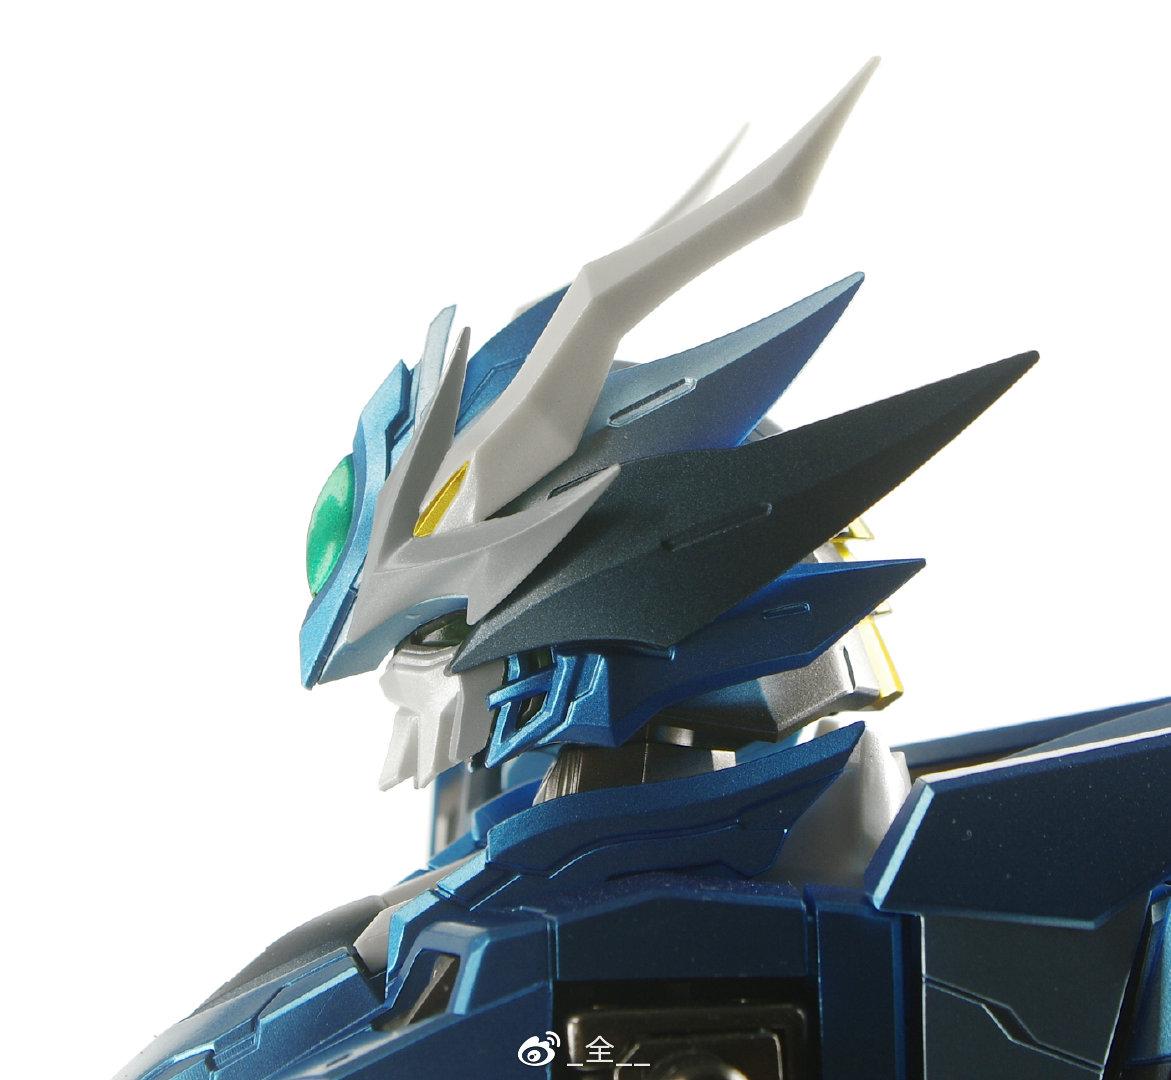 S470_MOTOR_NUCLEAR_MN_Q03_blue_gragon_ao_bing_di_hui_xing_han_long_zi_027.jpg